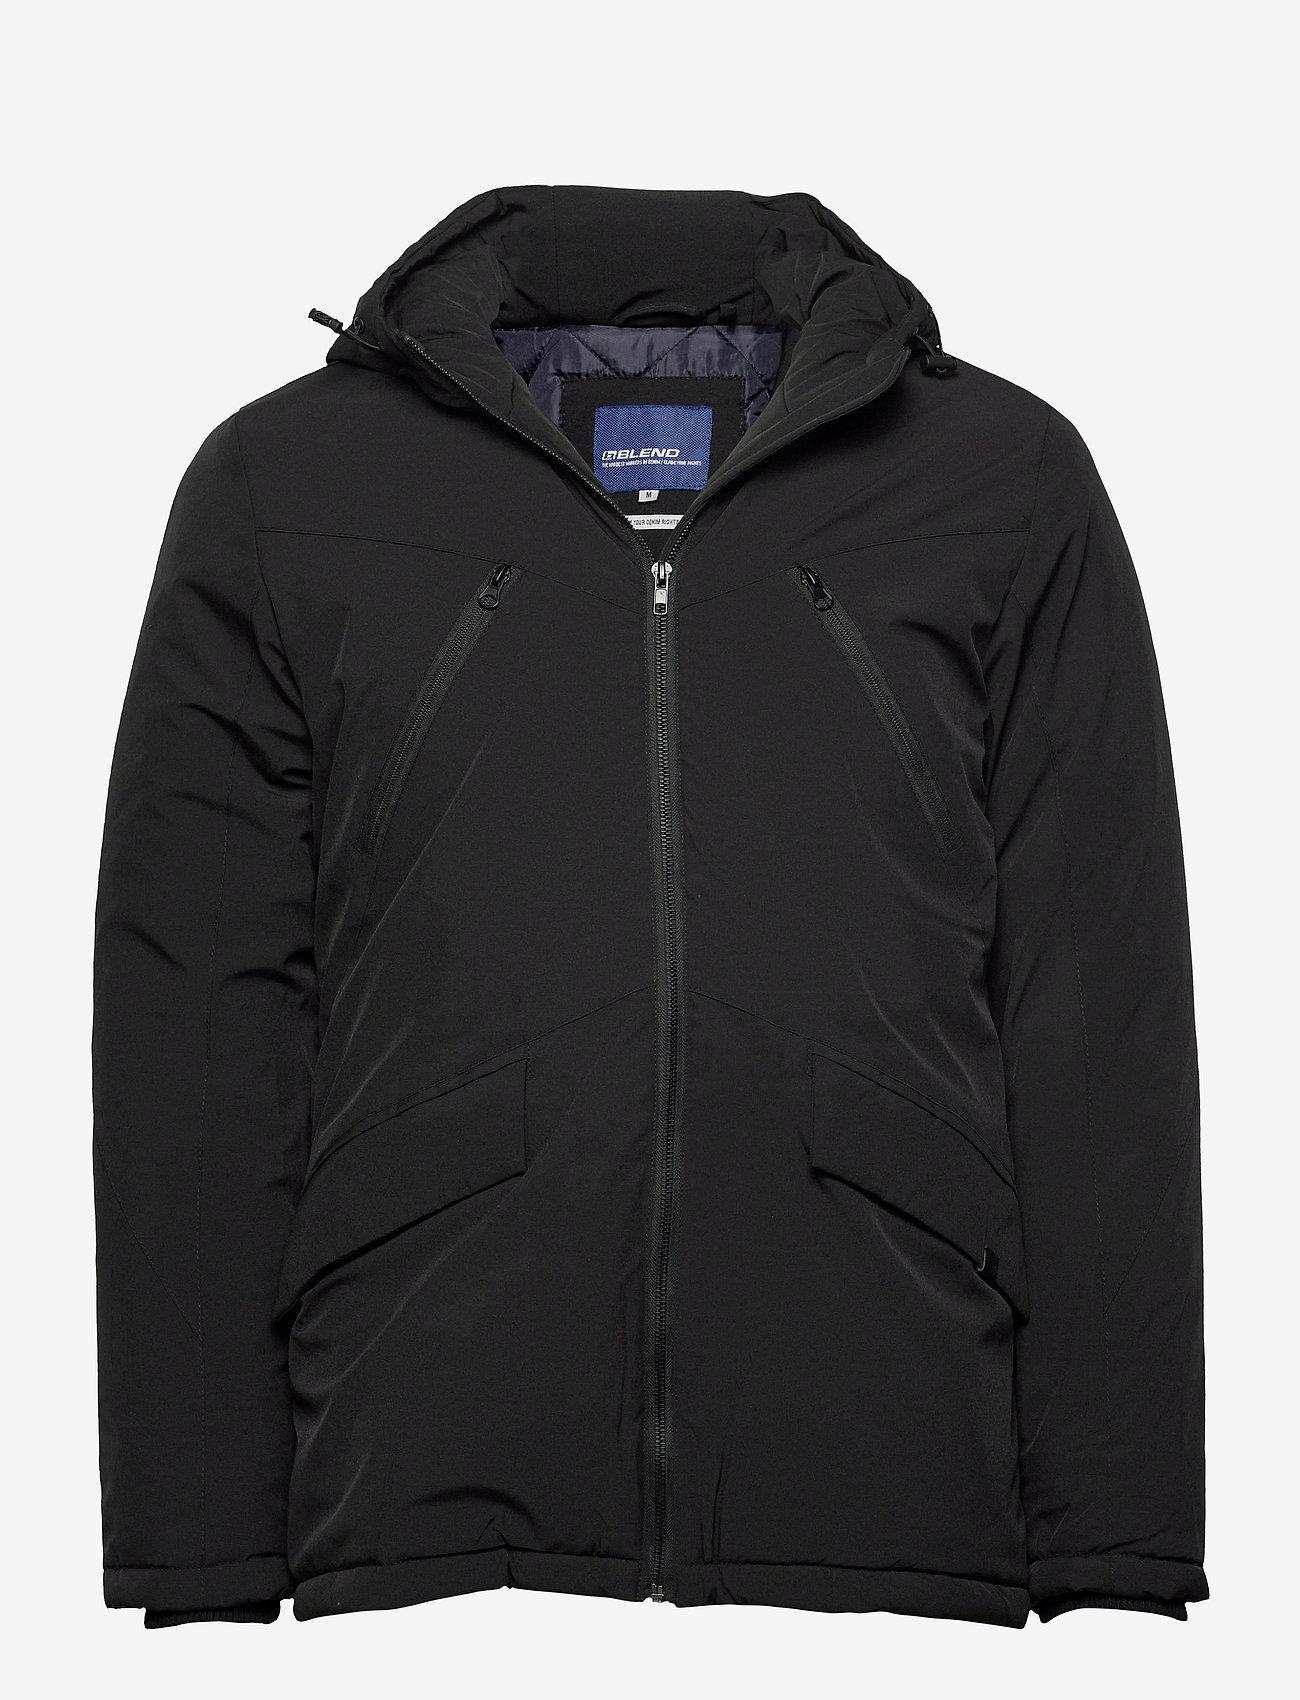 Blend - Outerwear - donsjassen - black - 0